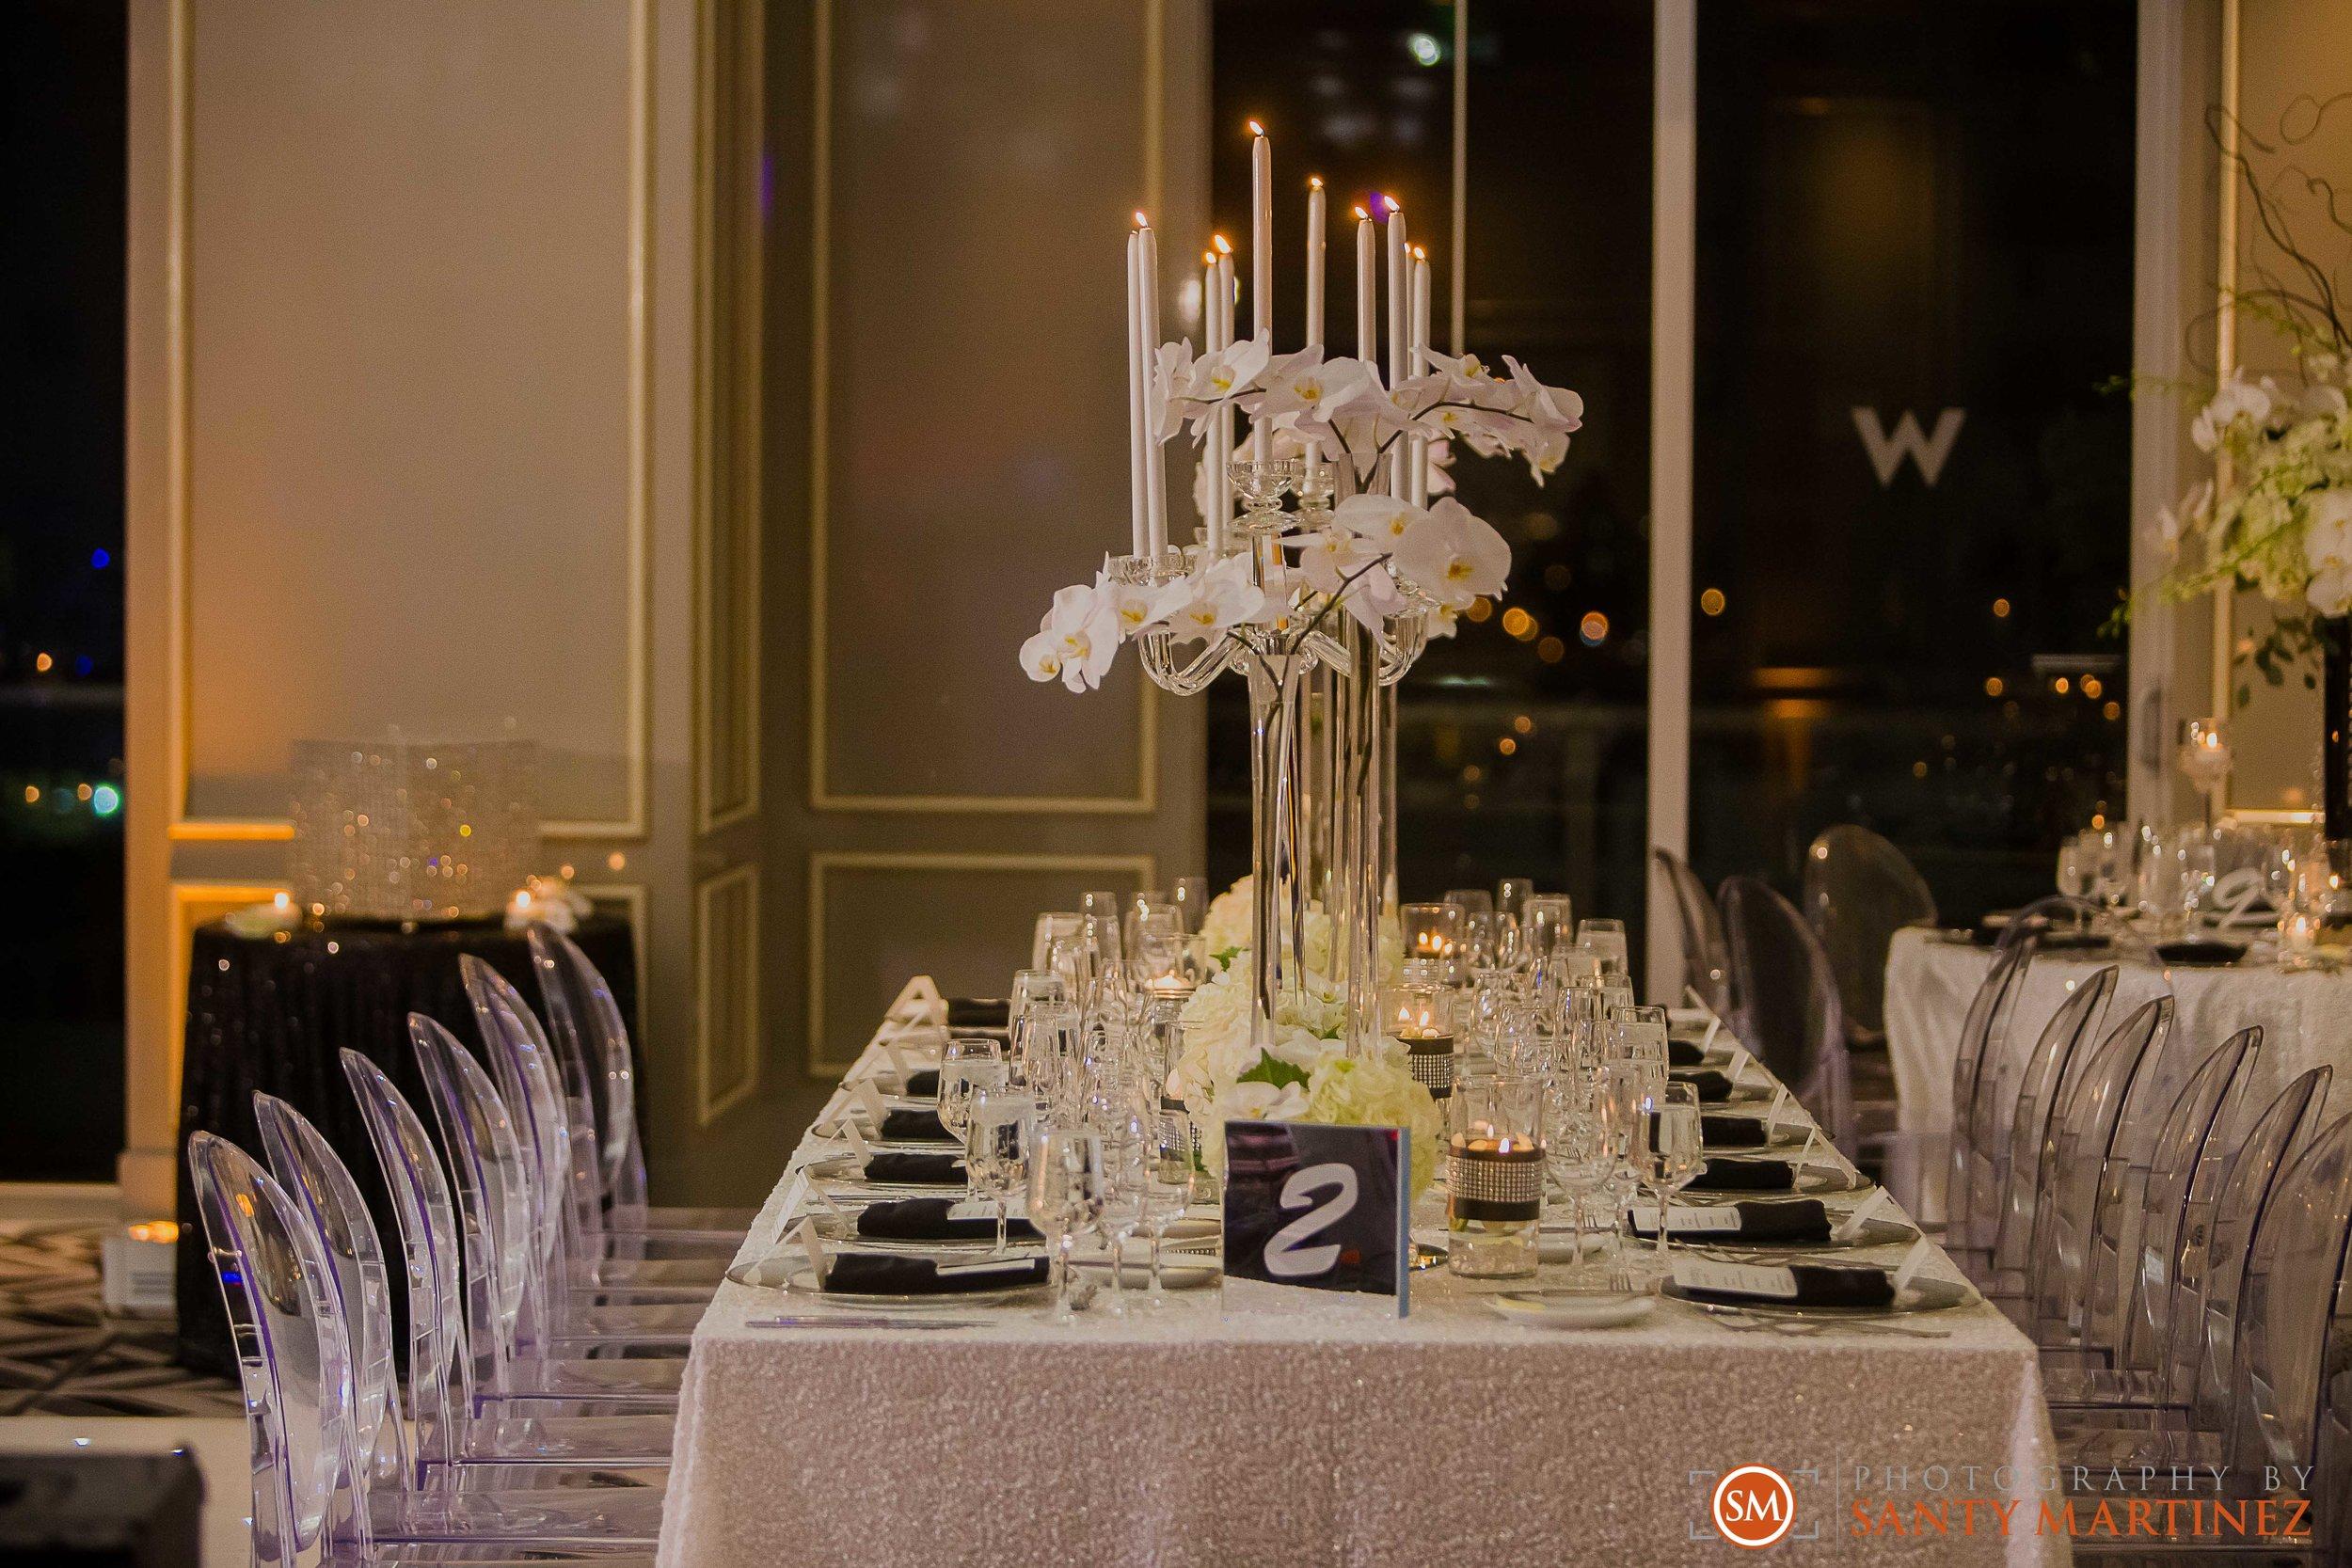 Wedding - W Hotel - St Patrick Miami Beach - Santy Martinez Photography-35.jpg